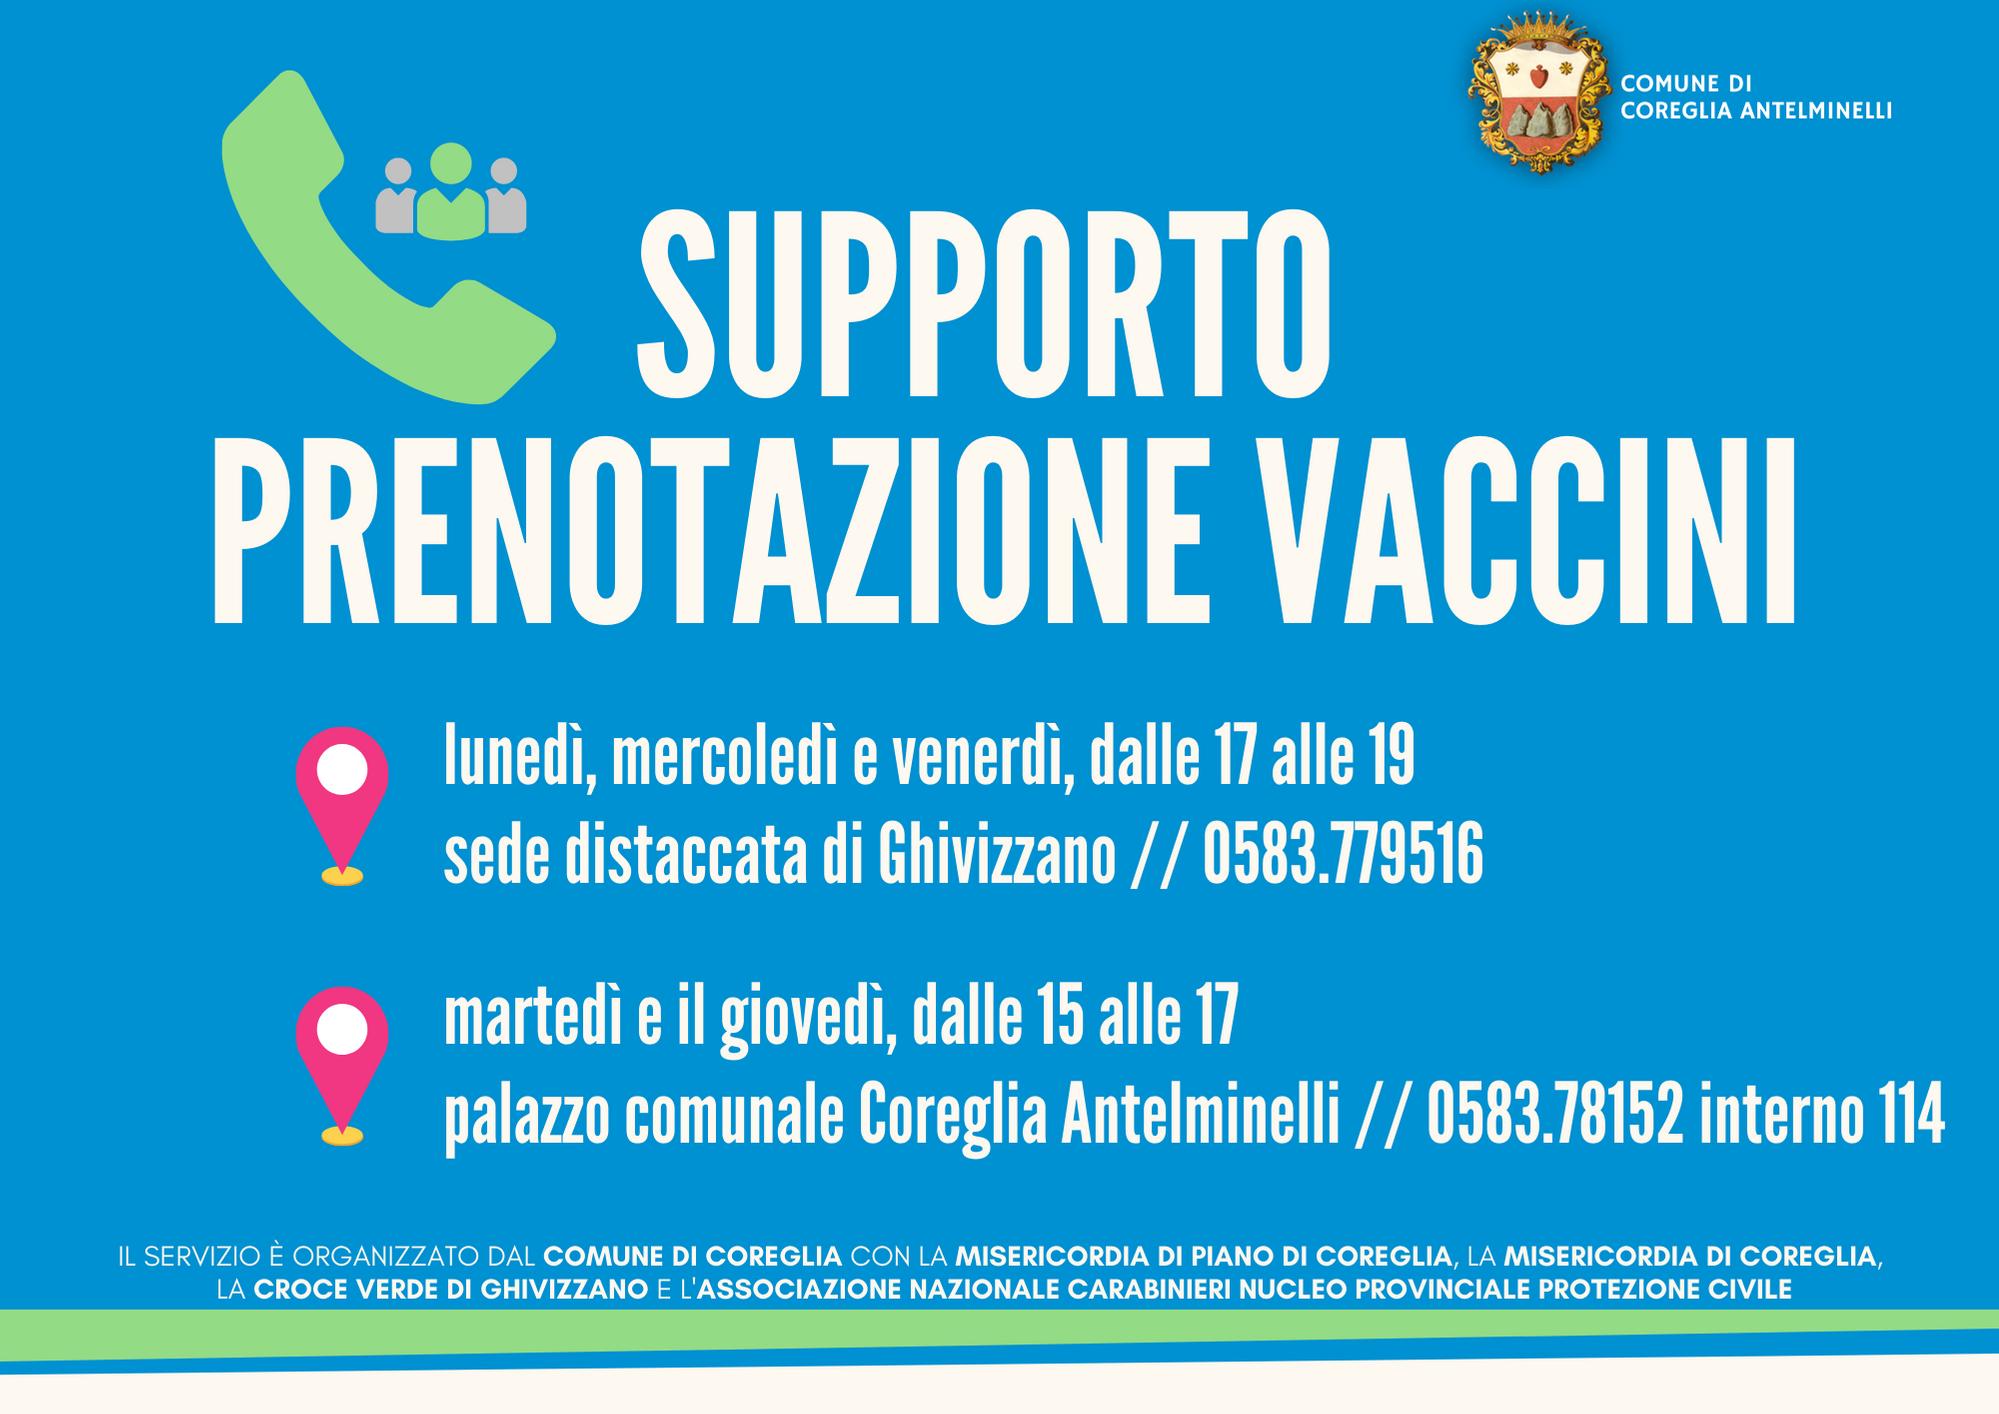 grafica supporto vaccinazioni_coreglia